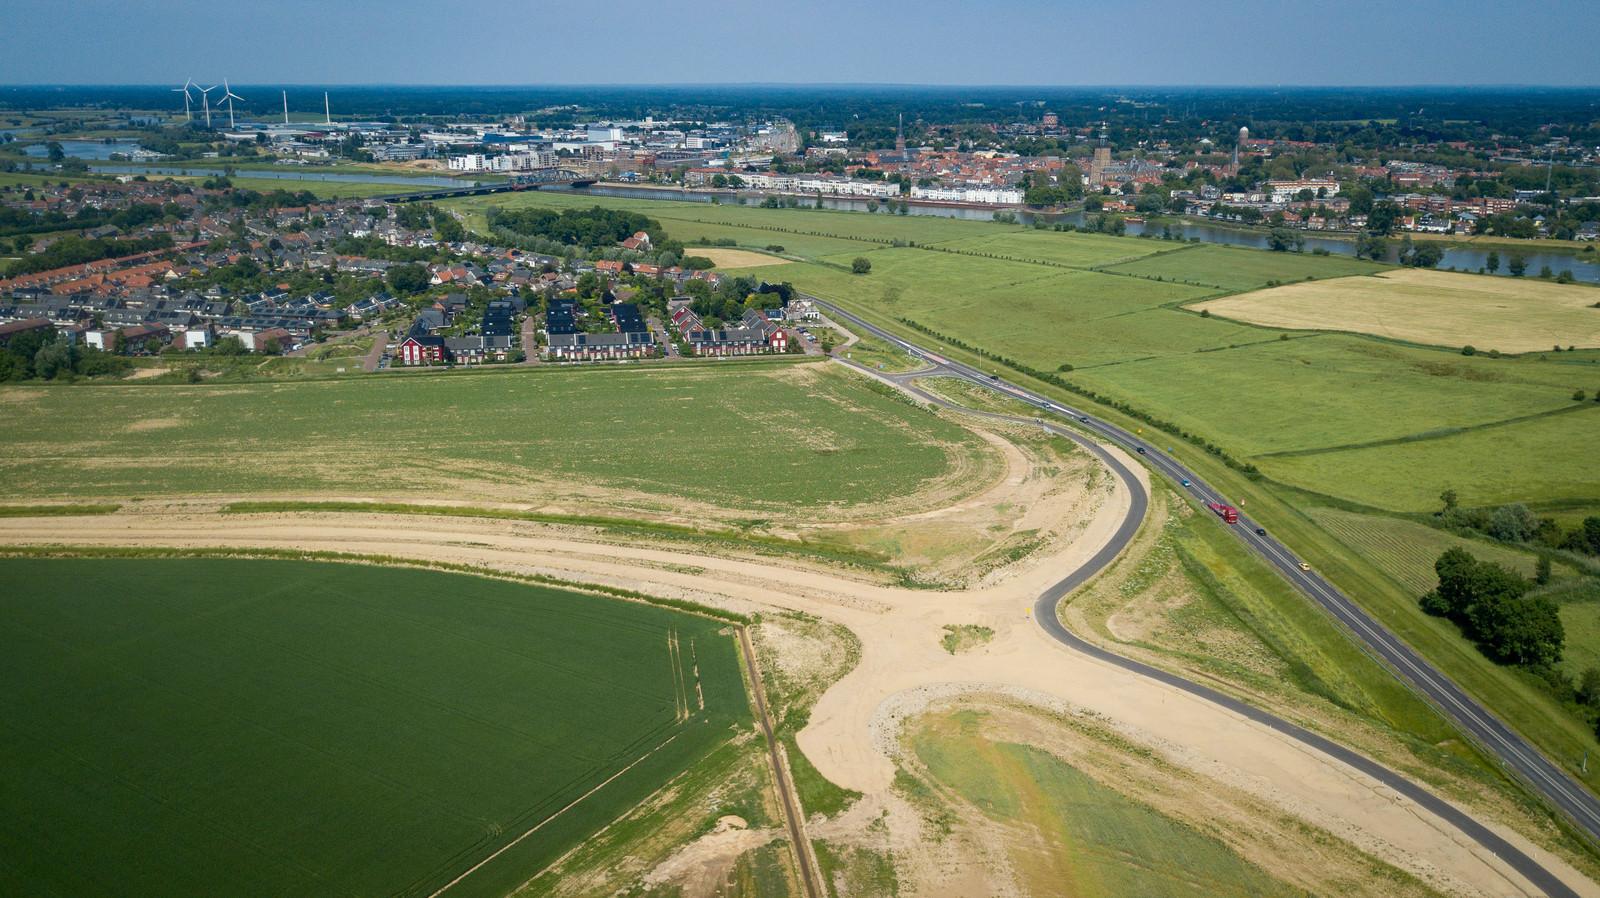 De contouren van de nog aan te leggen turborotonde zijn op de N345 tussen Zutphen en Brummen al te zien. De definitieve aanleg van die turborotonde loopt zoveel vertraging op dat de uiteindelijke rondweg op z'n vroegst pas na de zomervakantie van 2022 wordt geopend.